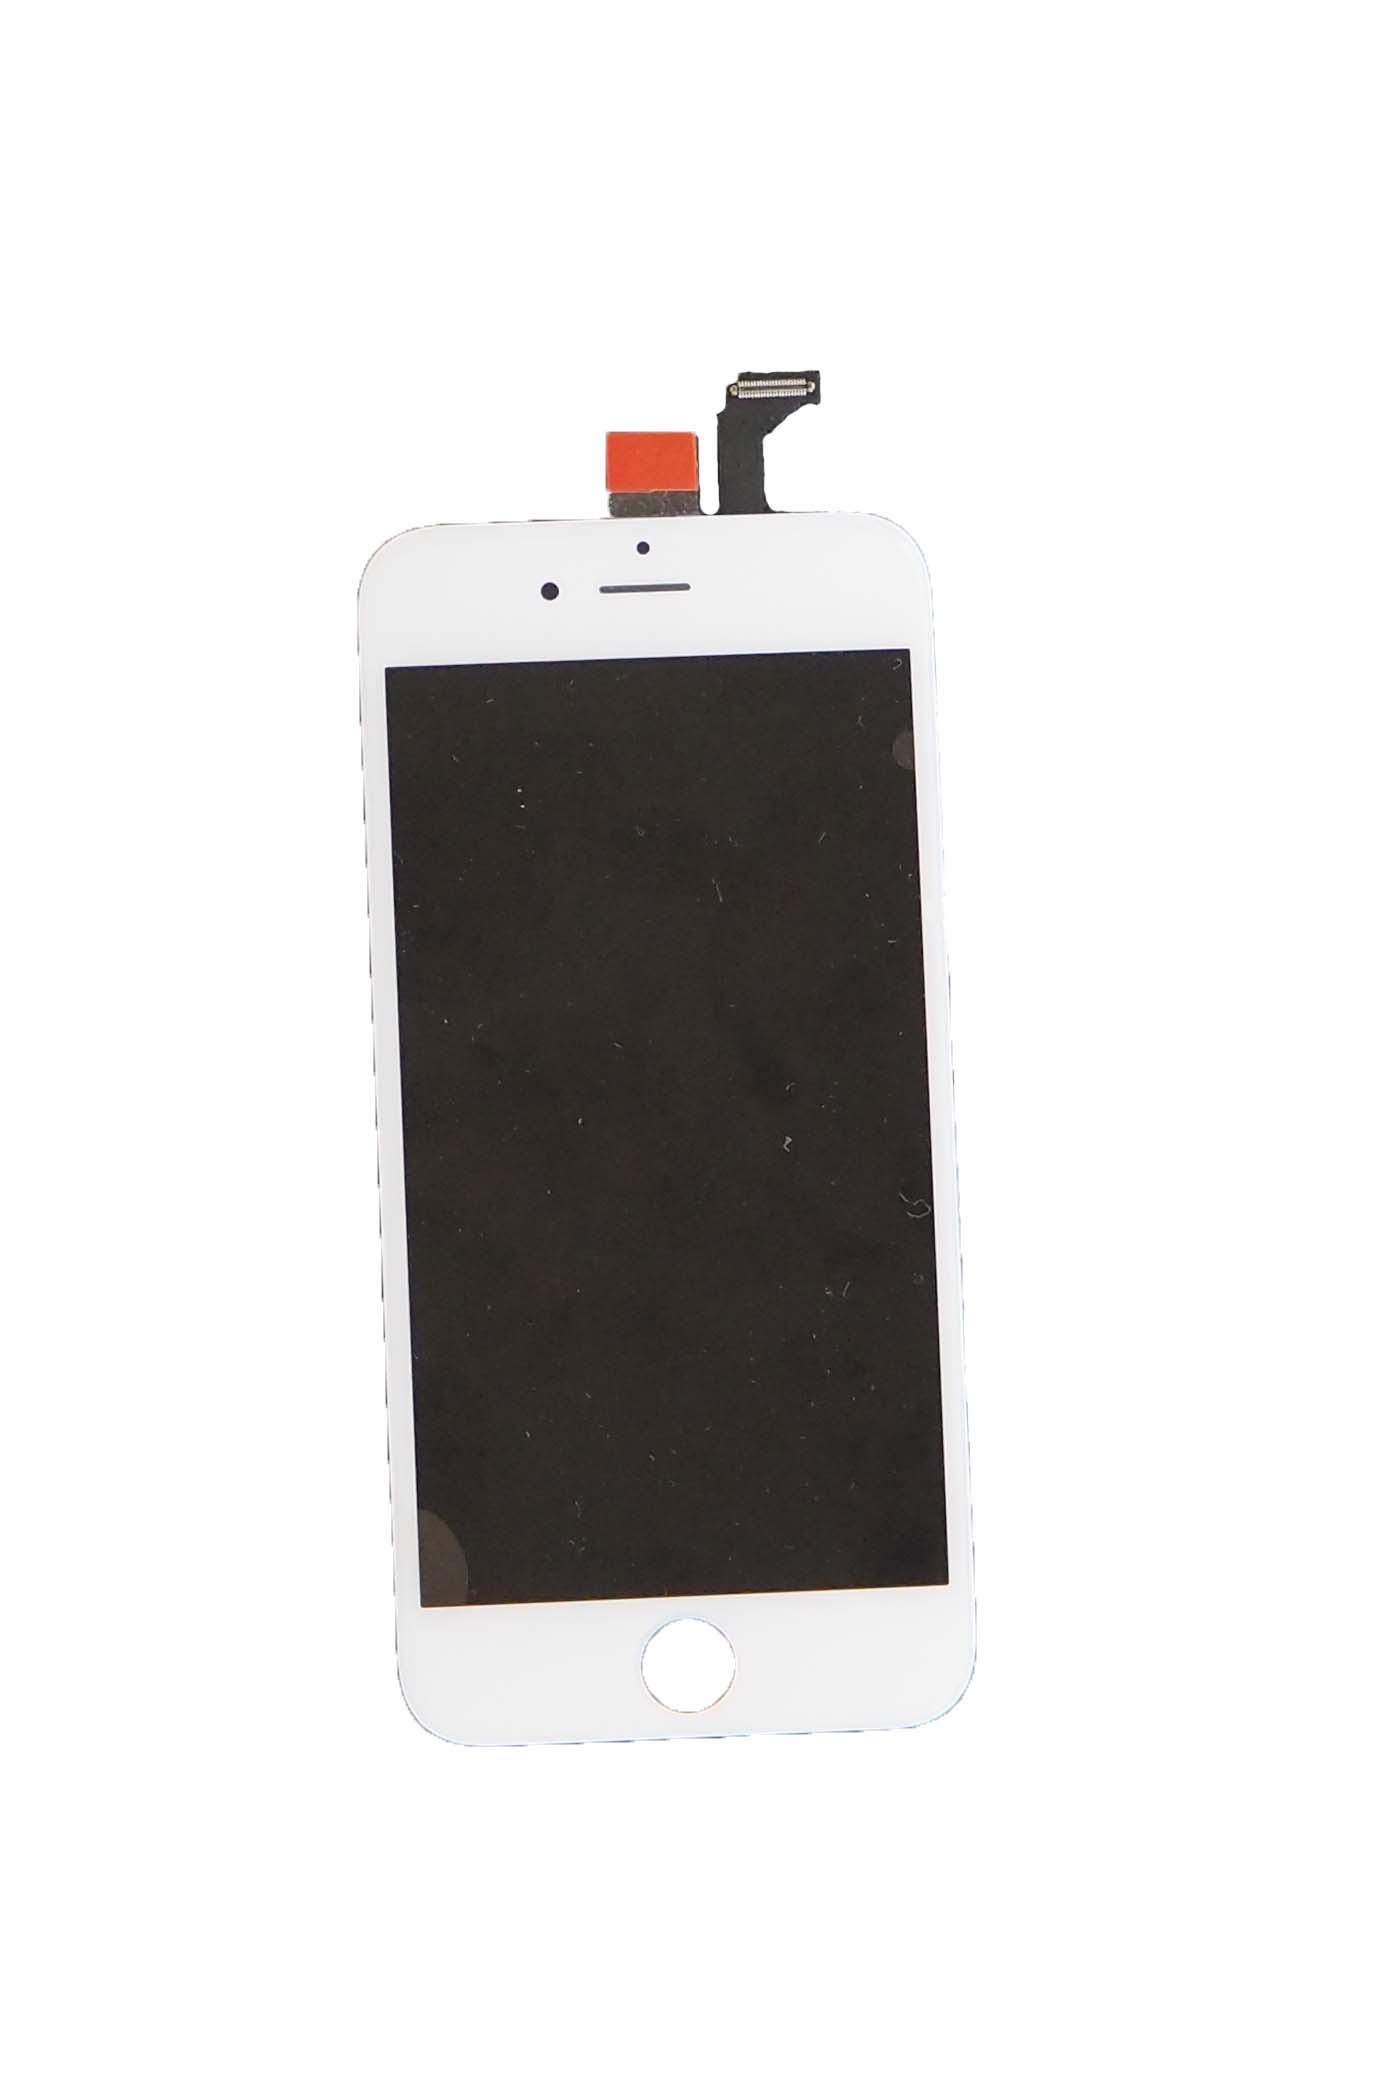 เปลี่ยนจอ iPhone 6s Plus หน้าจอแตก ไม่เห็นภาพ ทัสกรีนกดไม่ได้ งาน AAA